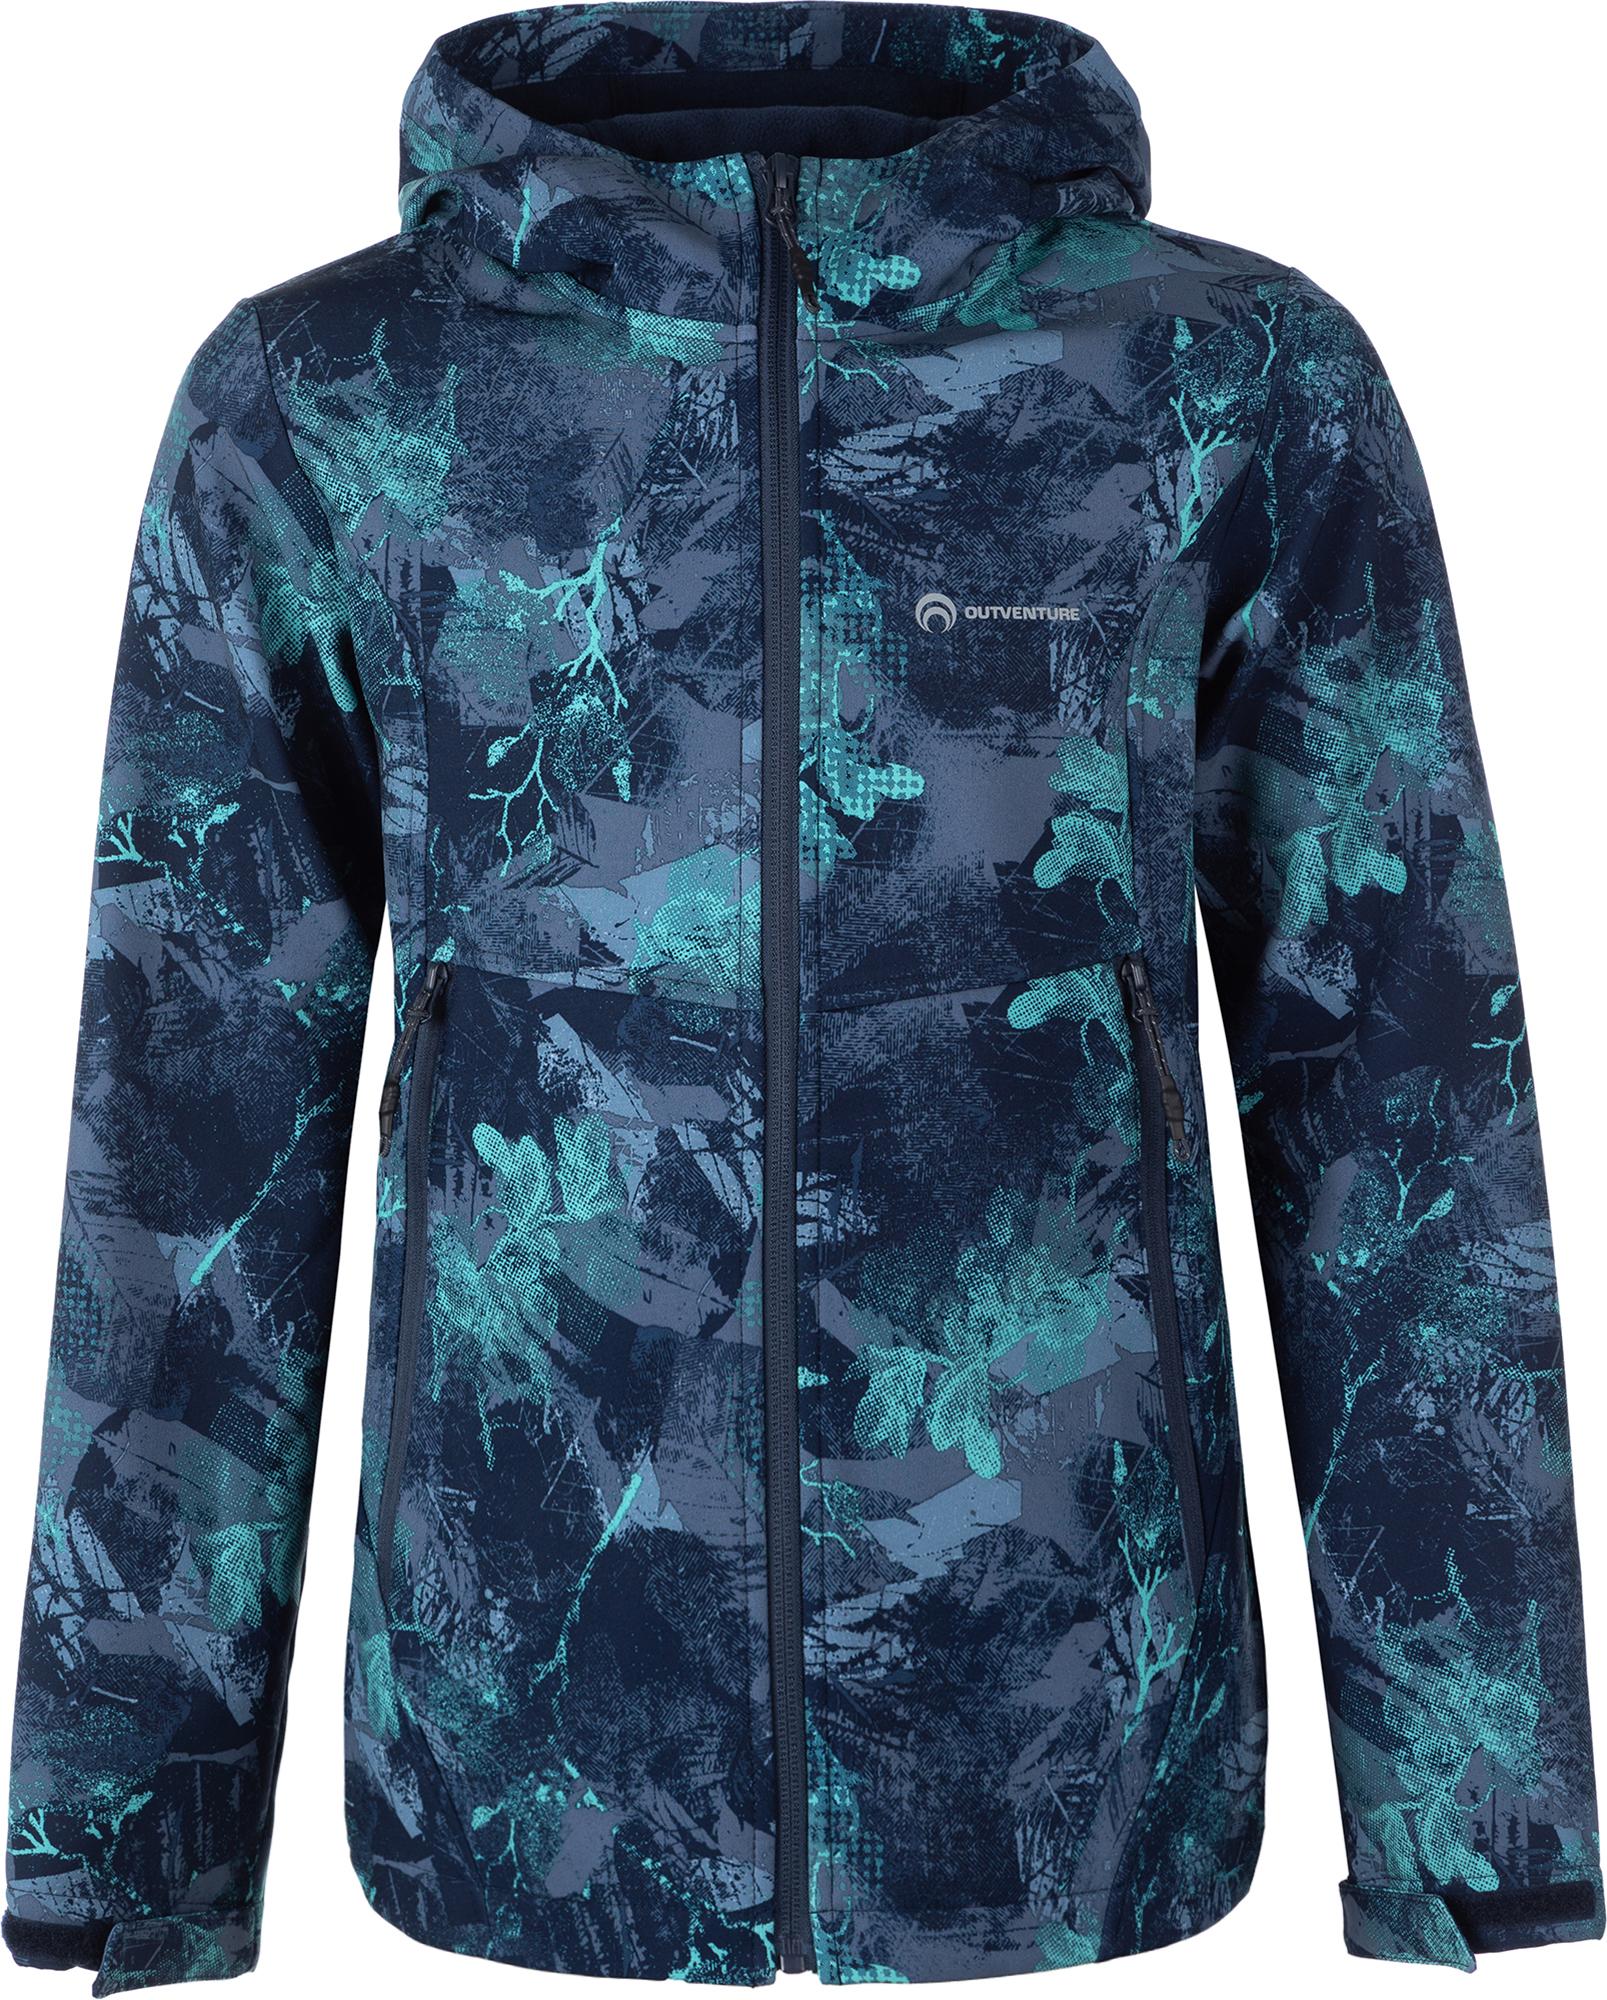 Outventure Куртка для девочек Outventure, размер 164 стоимость